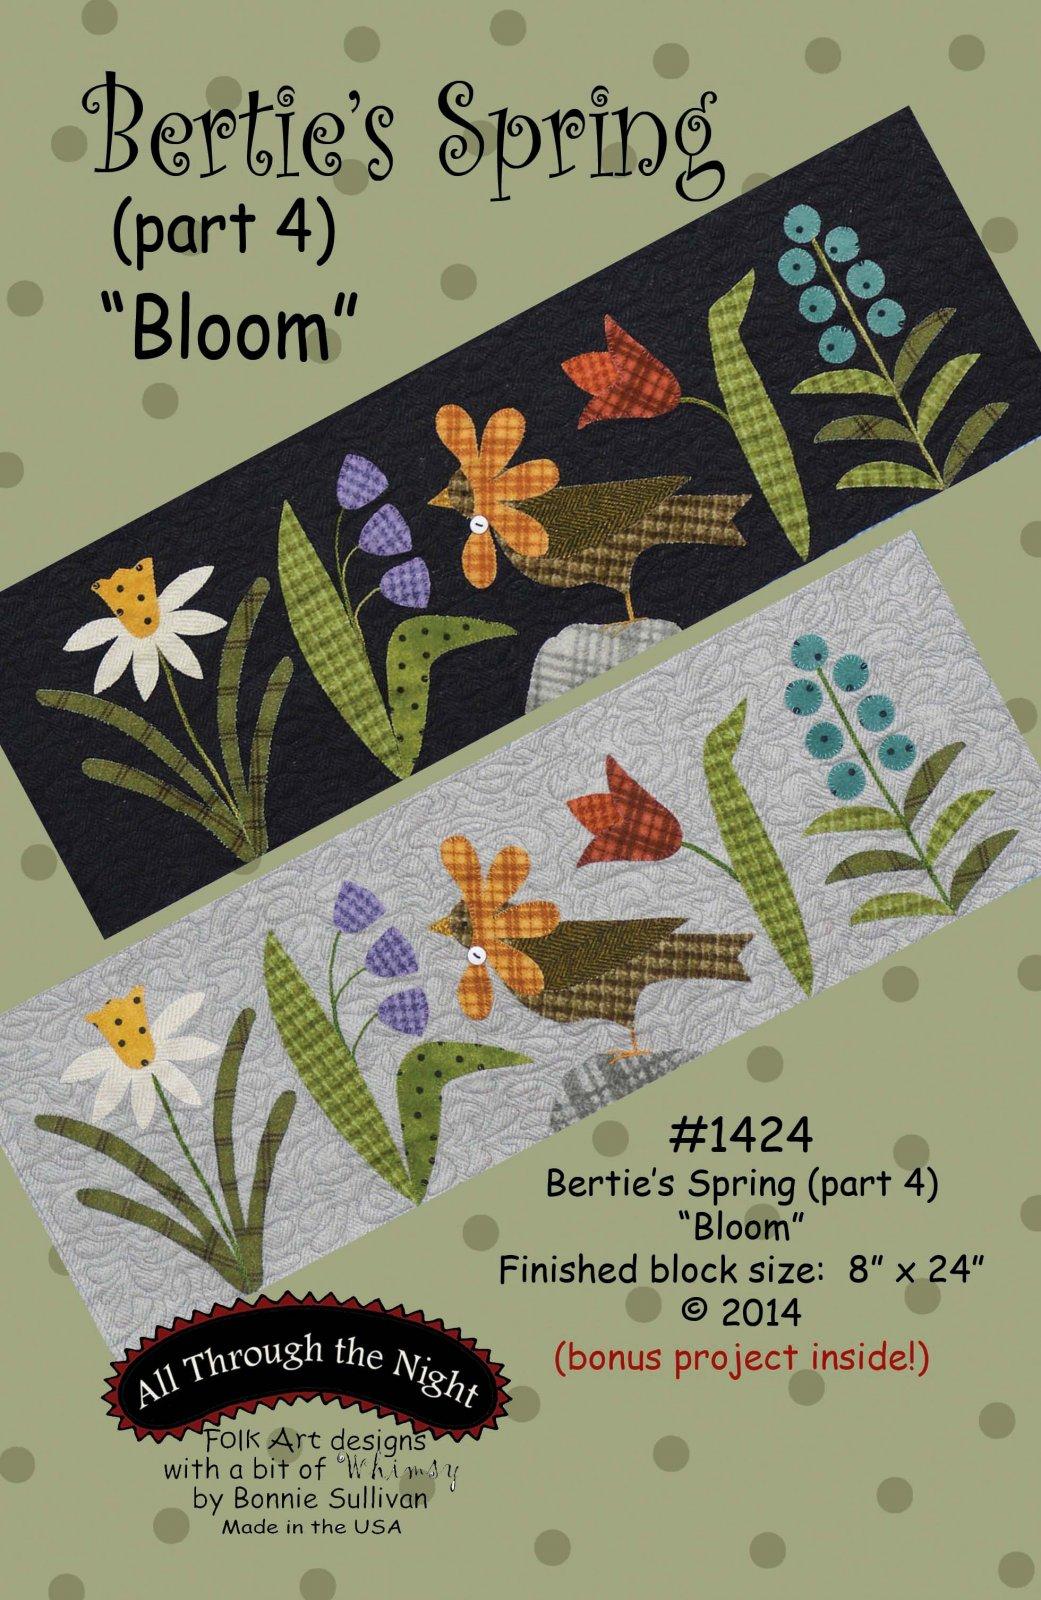 1424 Bertie's Spring Bloom (4)